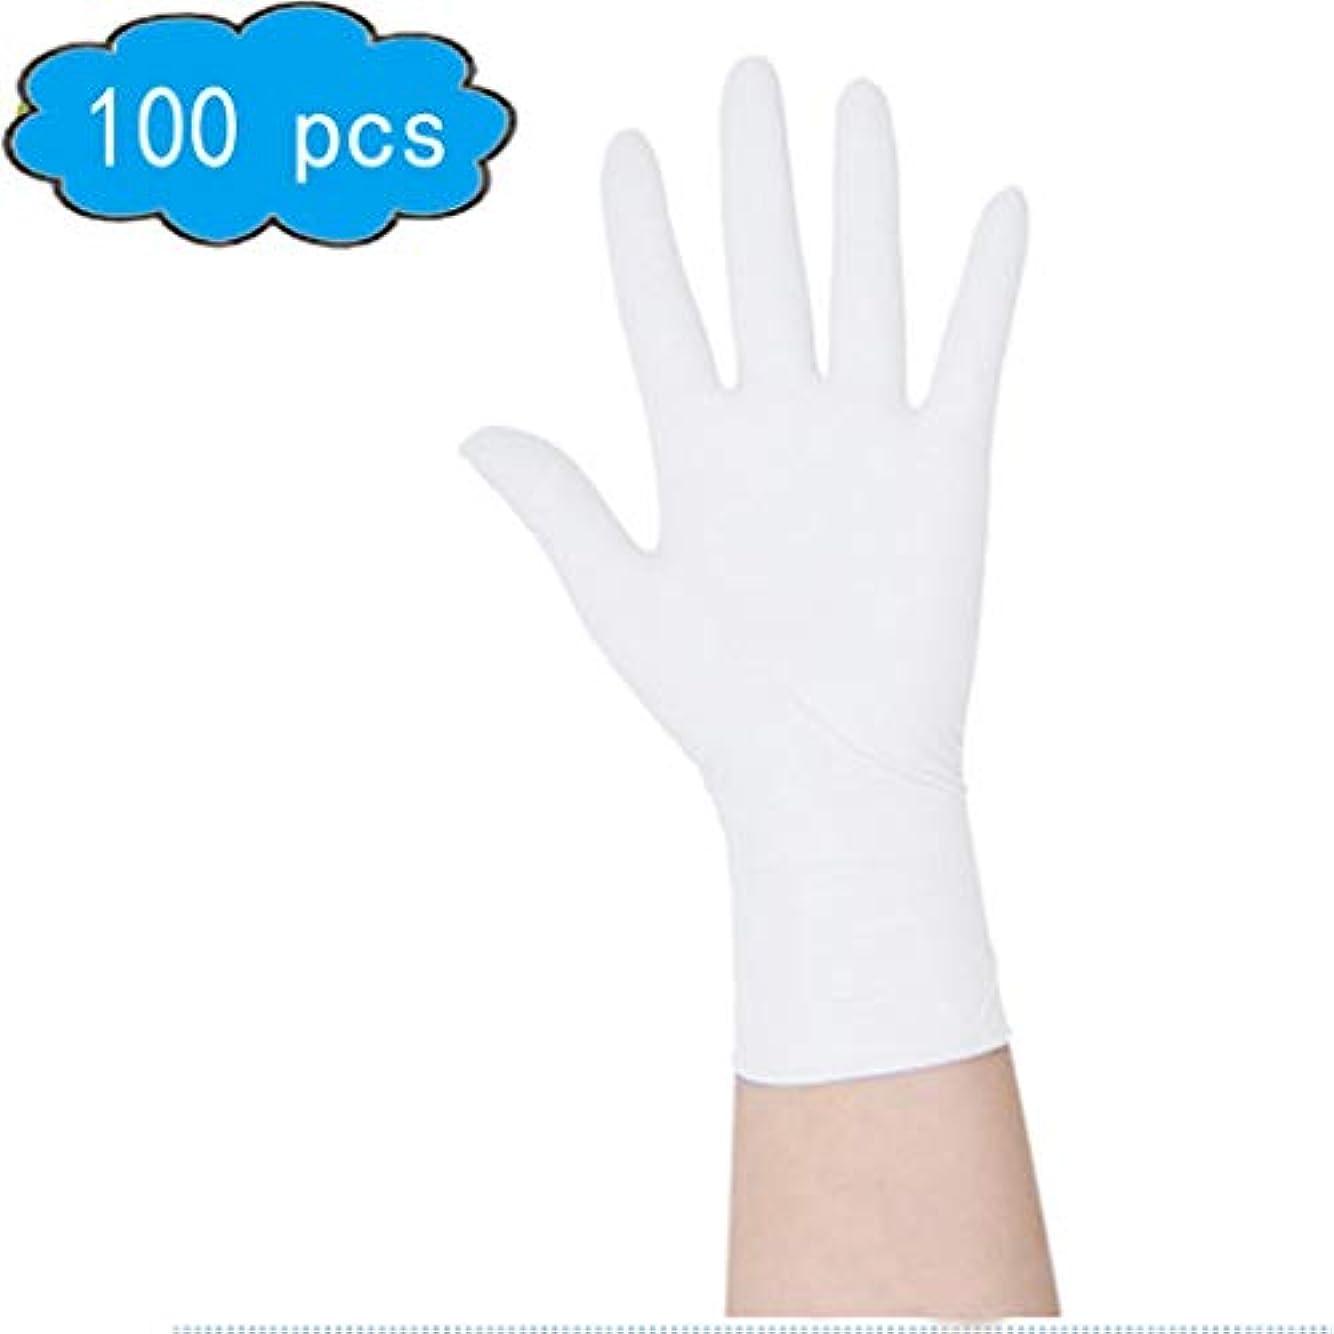 ジェスチャー気になる大使い捨てラテックス検査用手袋、使い捨て、使えるフリーサイズニトリルクリーニンググローブ(100カウント) (Color : White, Size : L)